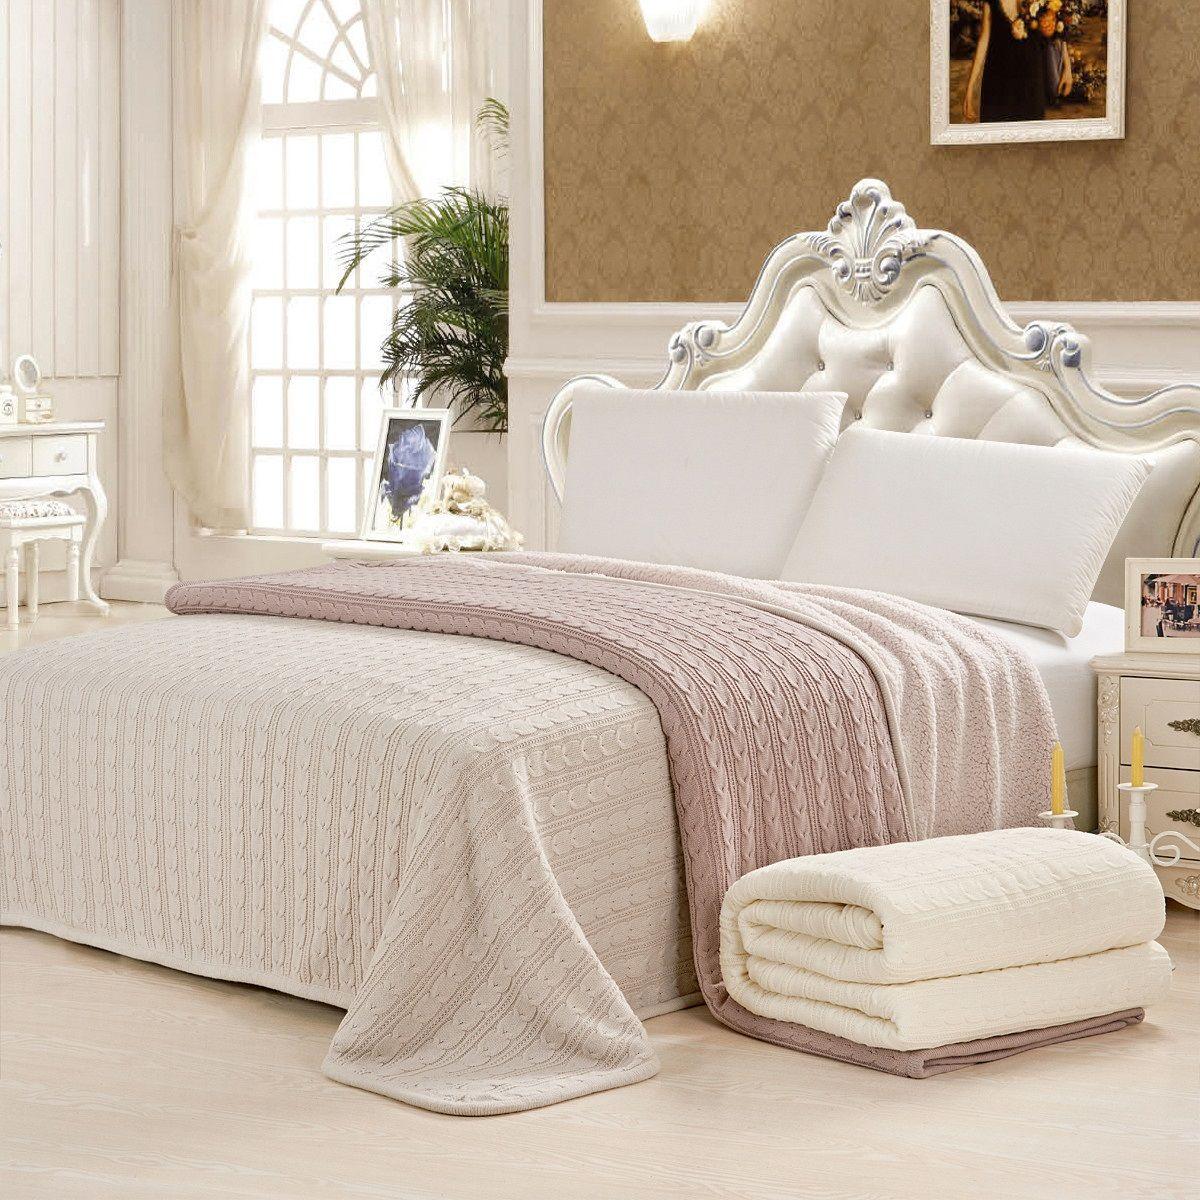 Белое и розовое вязаные покрывала в спальне